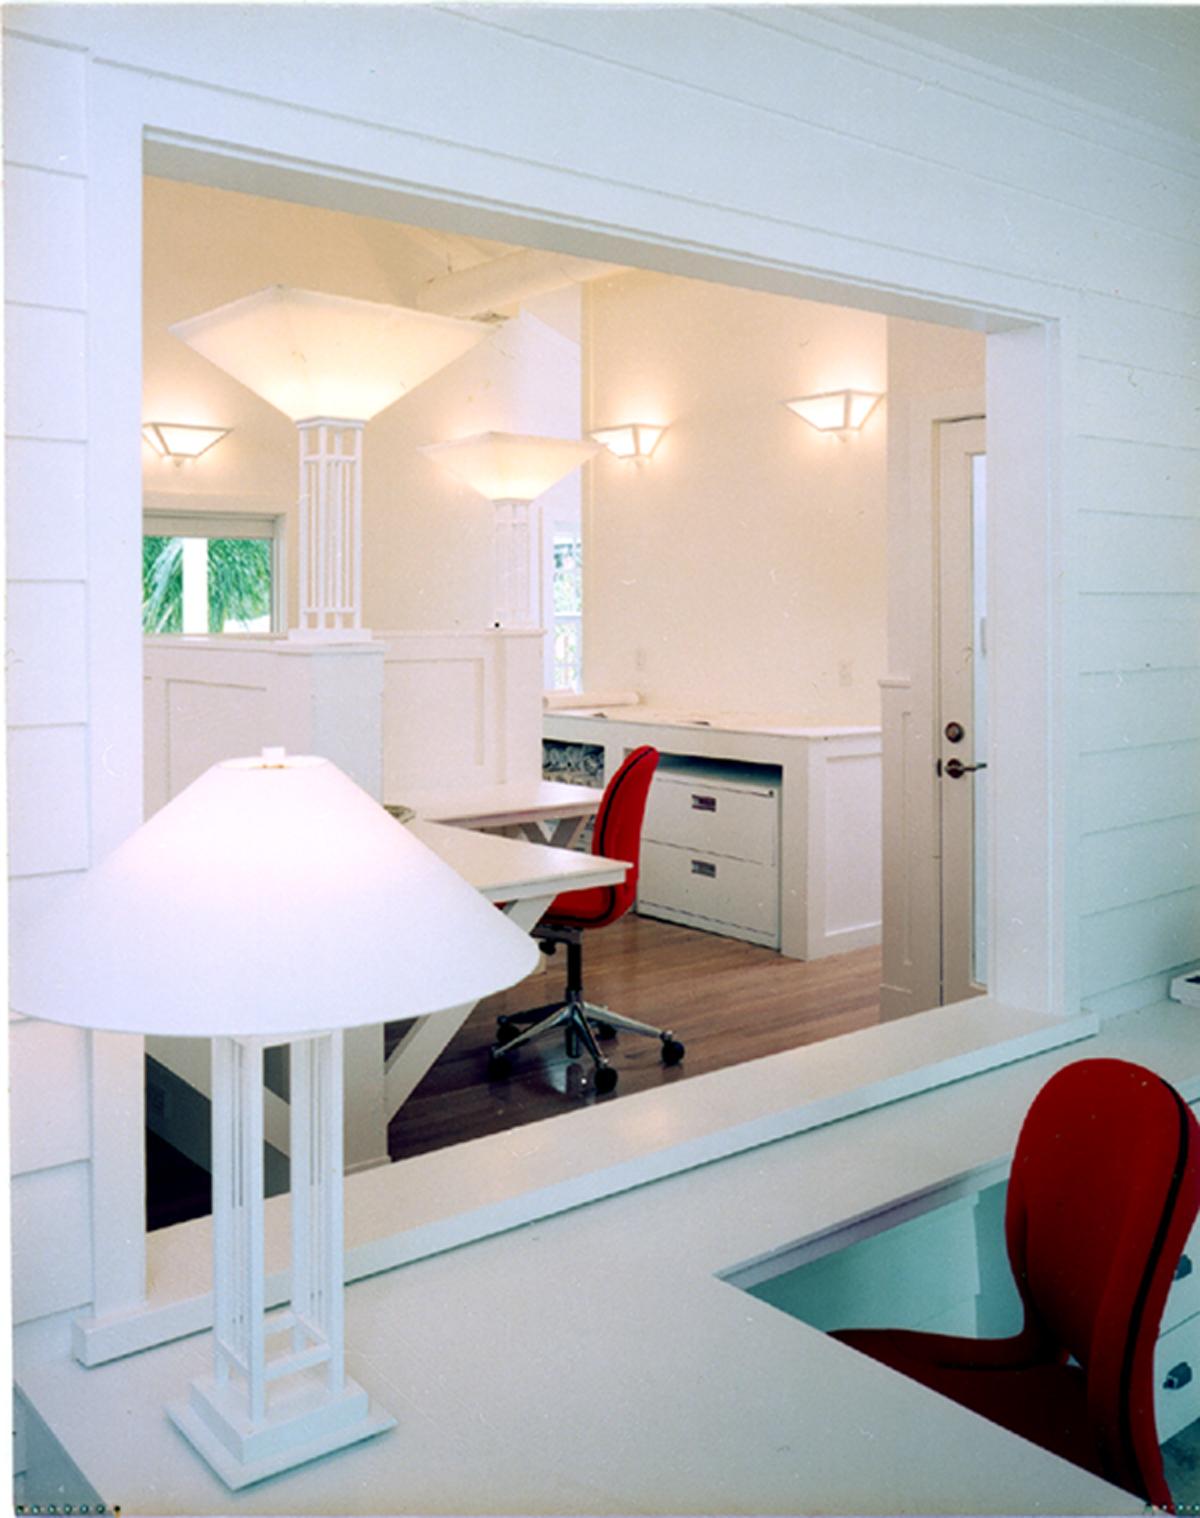 interior interior 6.jpg